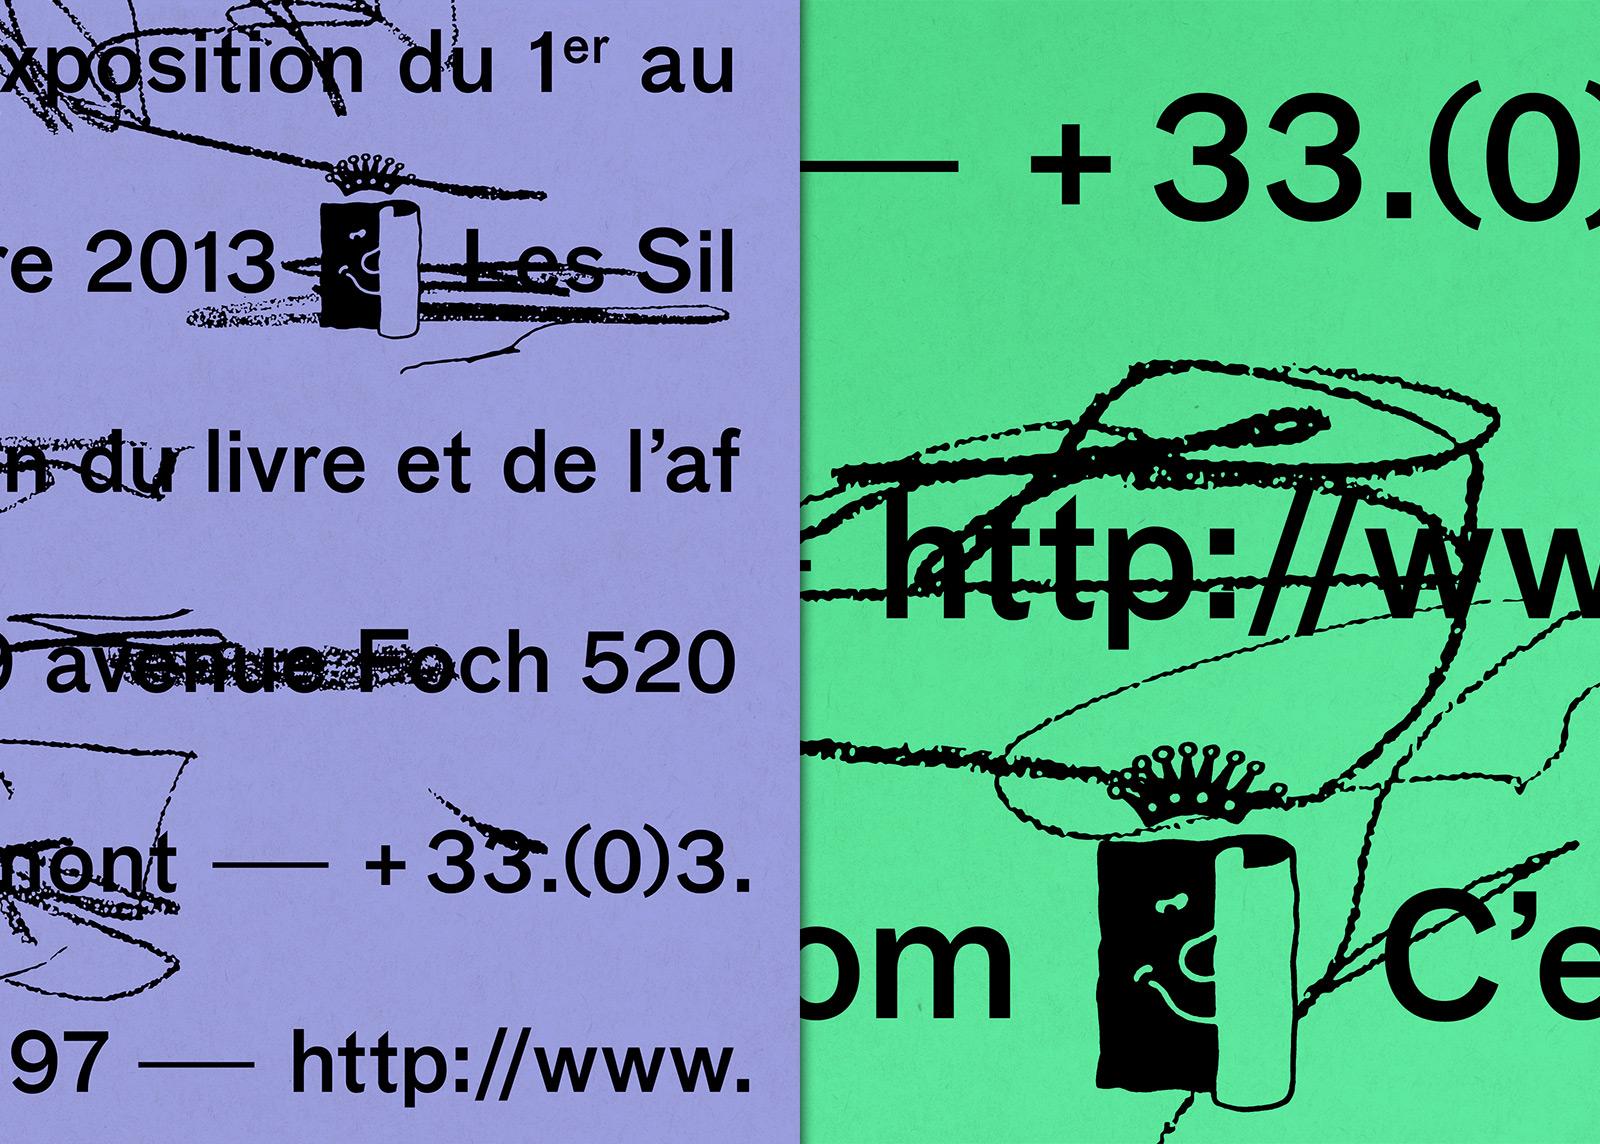 chaumont affiche 03